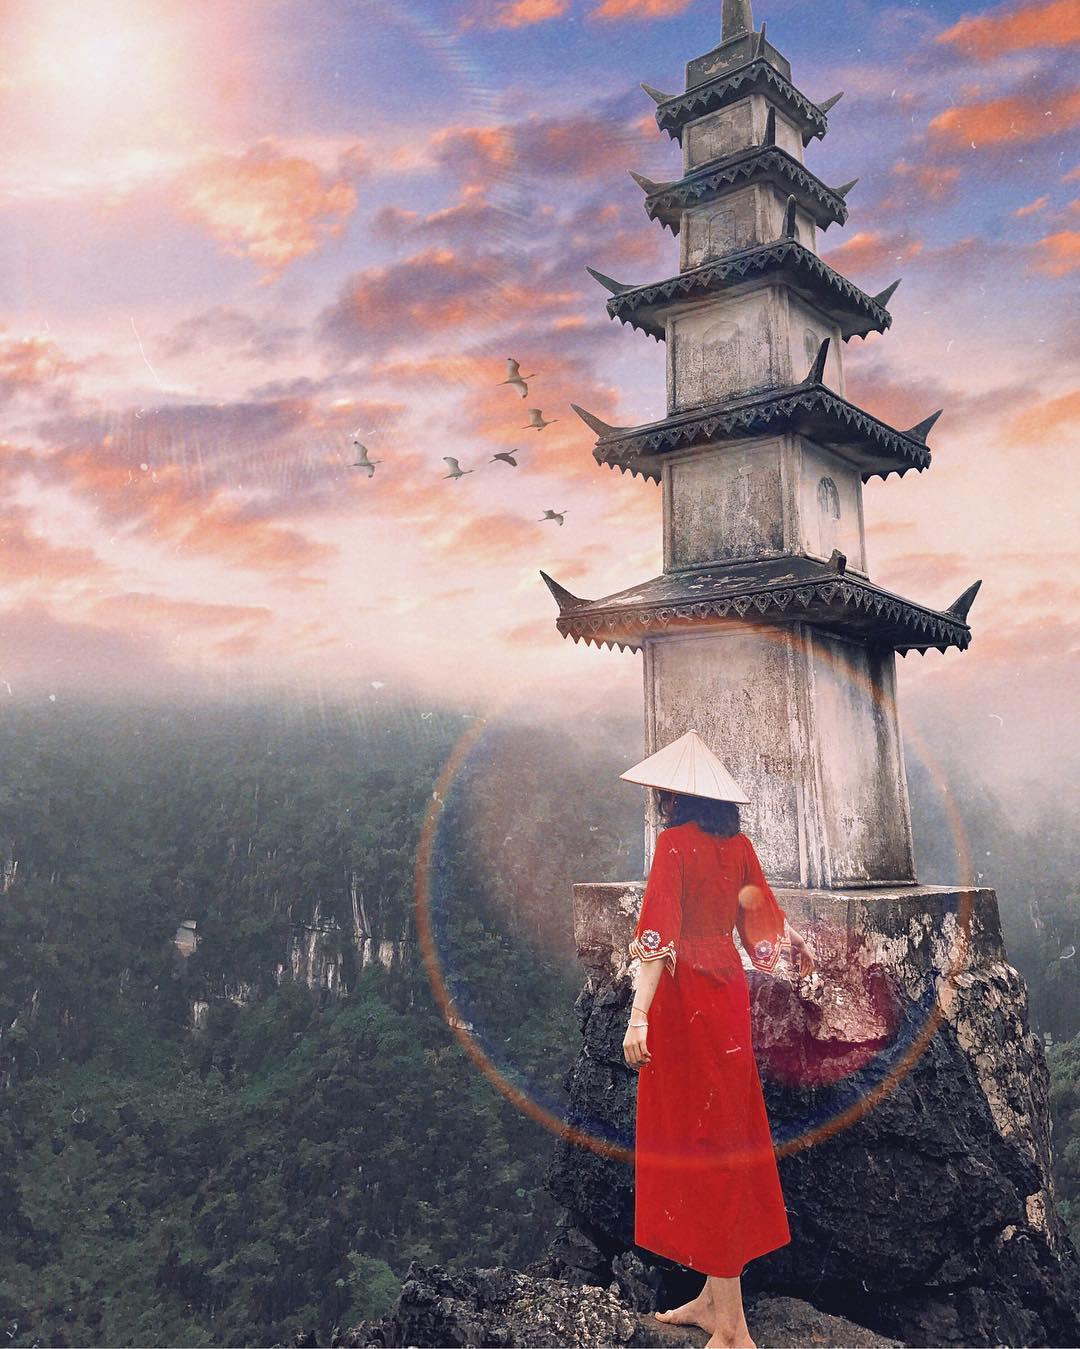 Hang Múa mờ ảo, khác biệt trong ảnh chỉnh sửa của giới trẻ Việt Ảnh 6